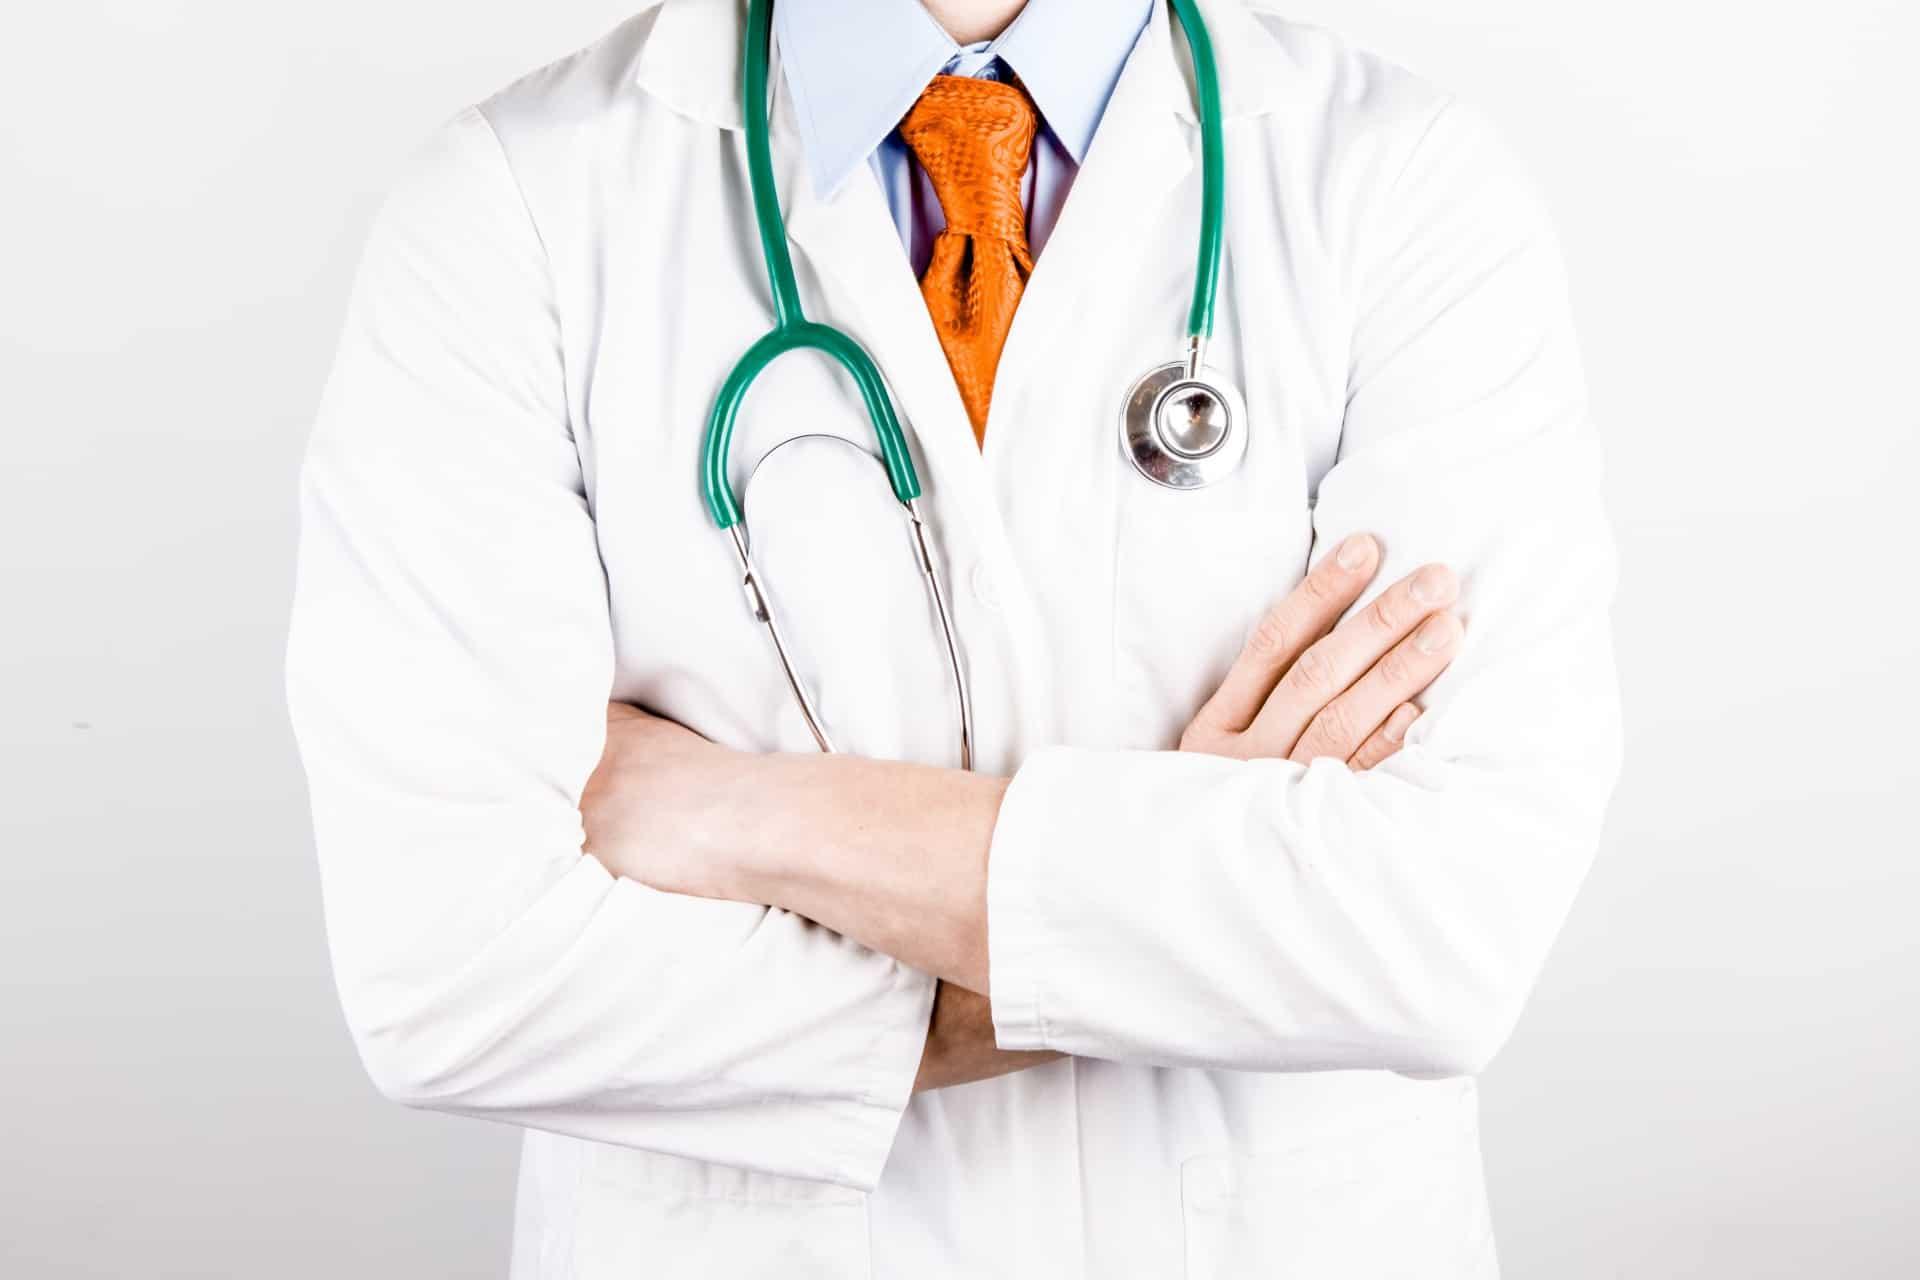 هل يعود مرض الجرب بعد الشفاء